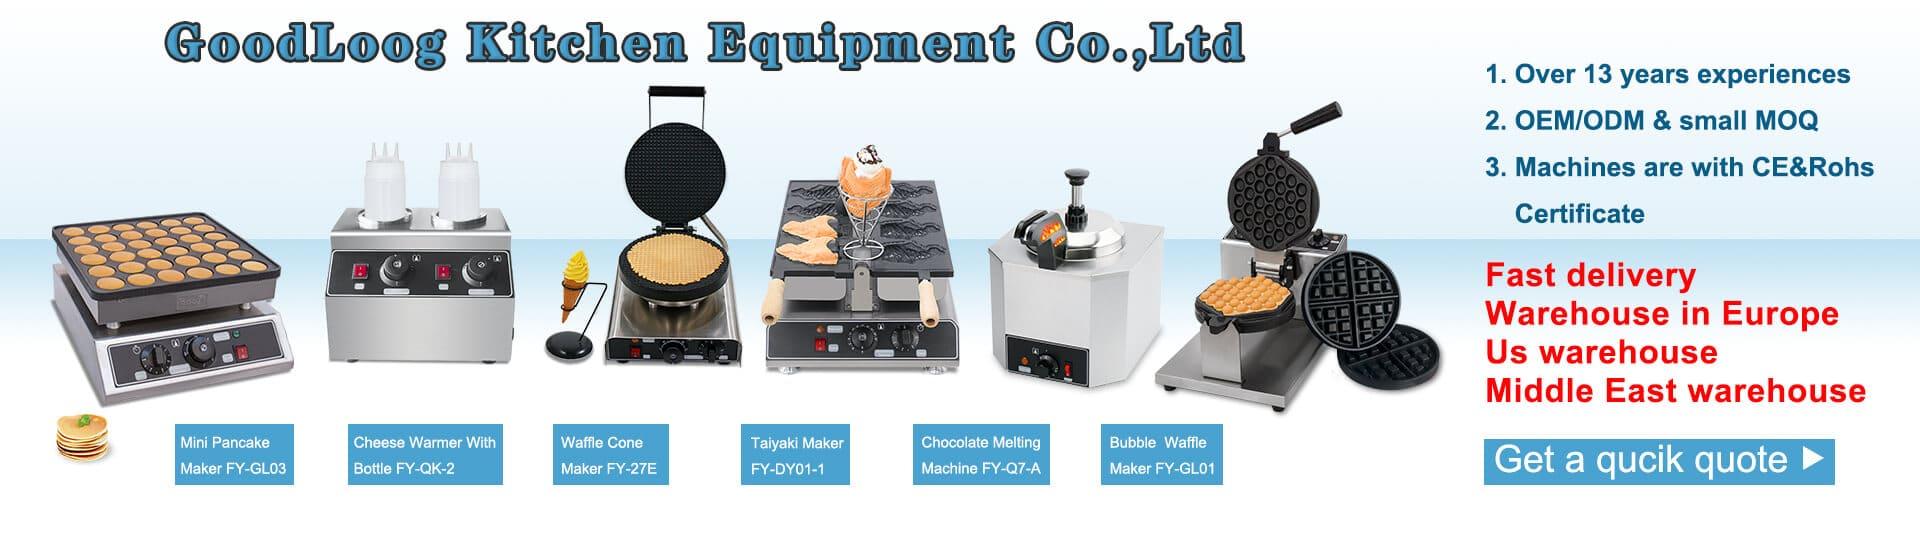 Food Service Kitchen Equipment Supplier